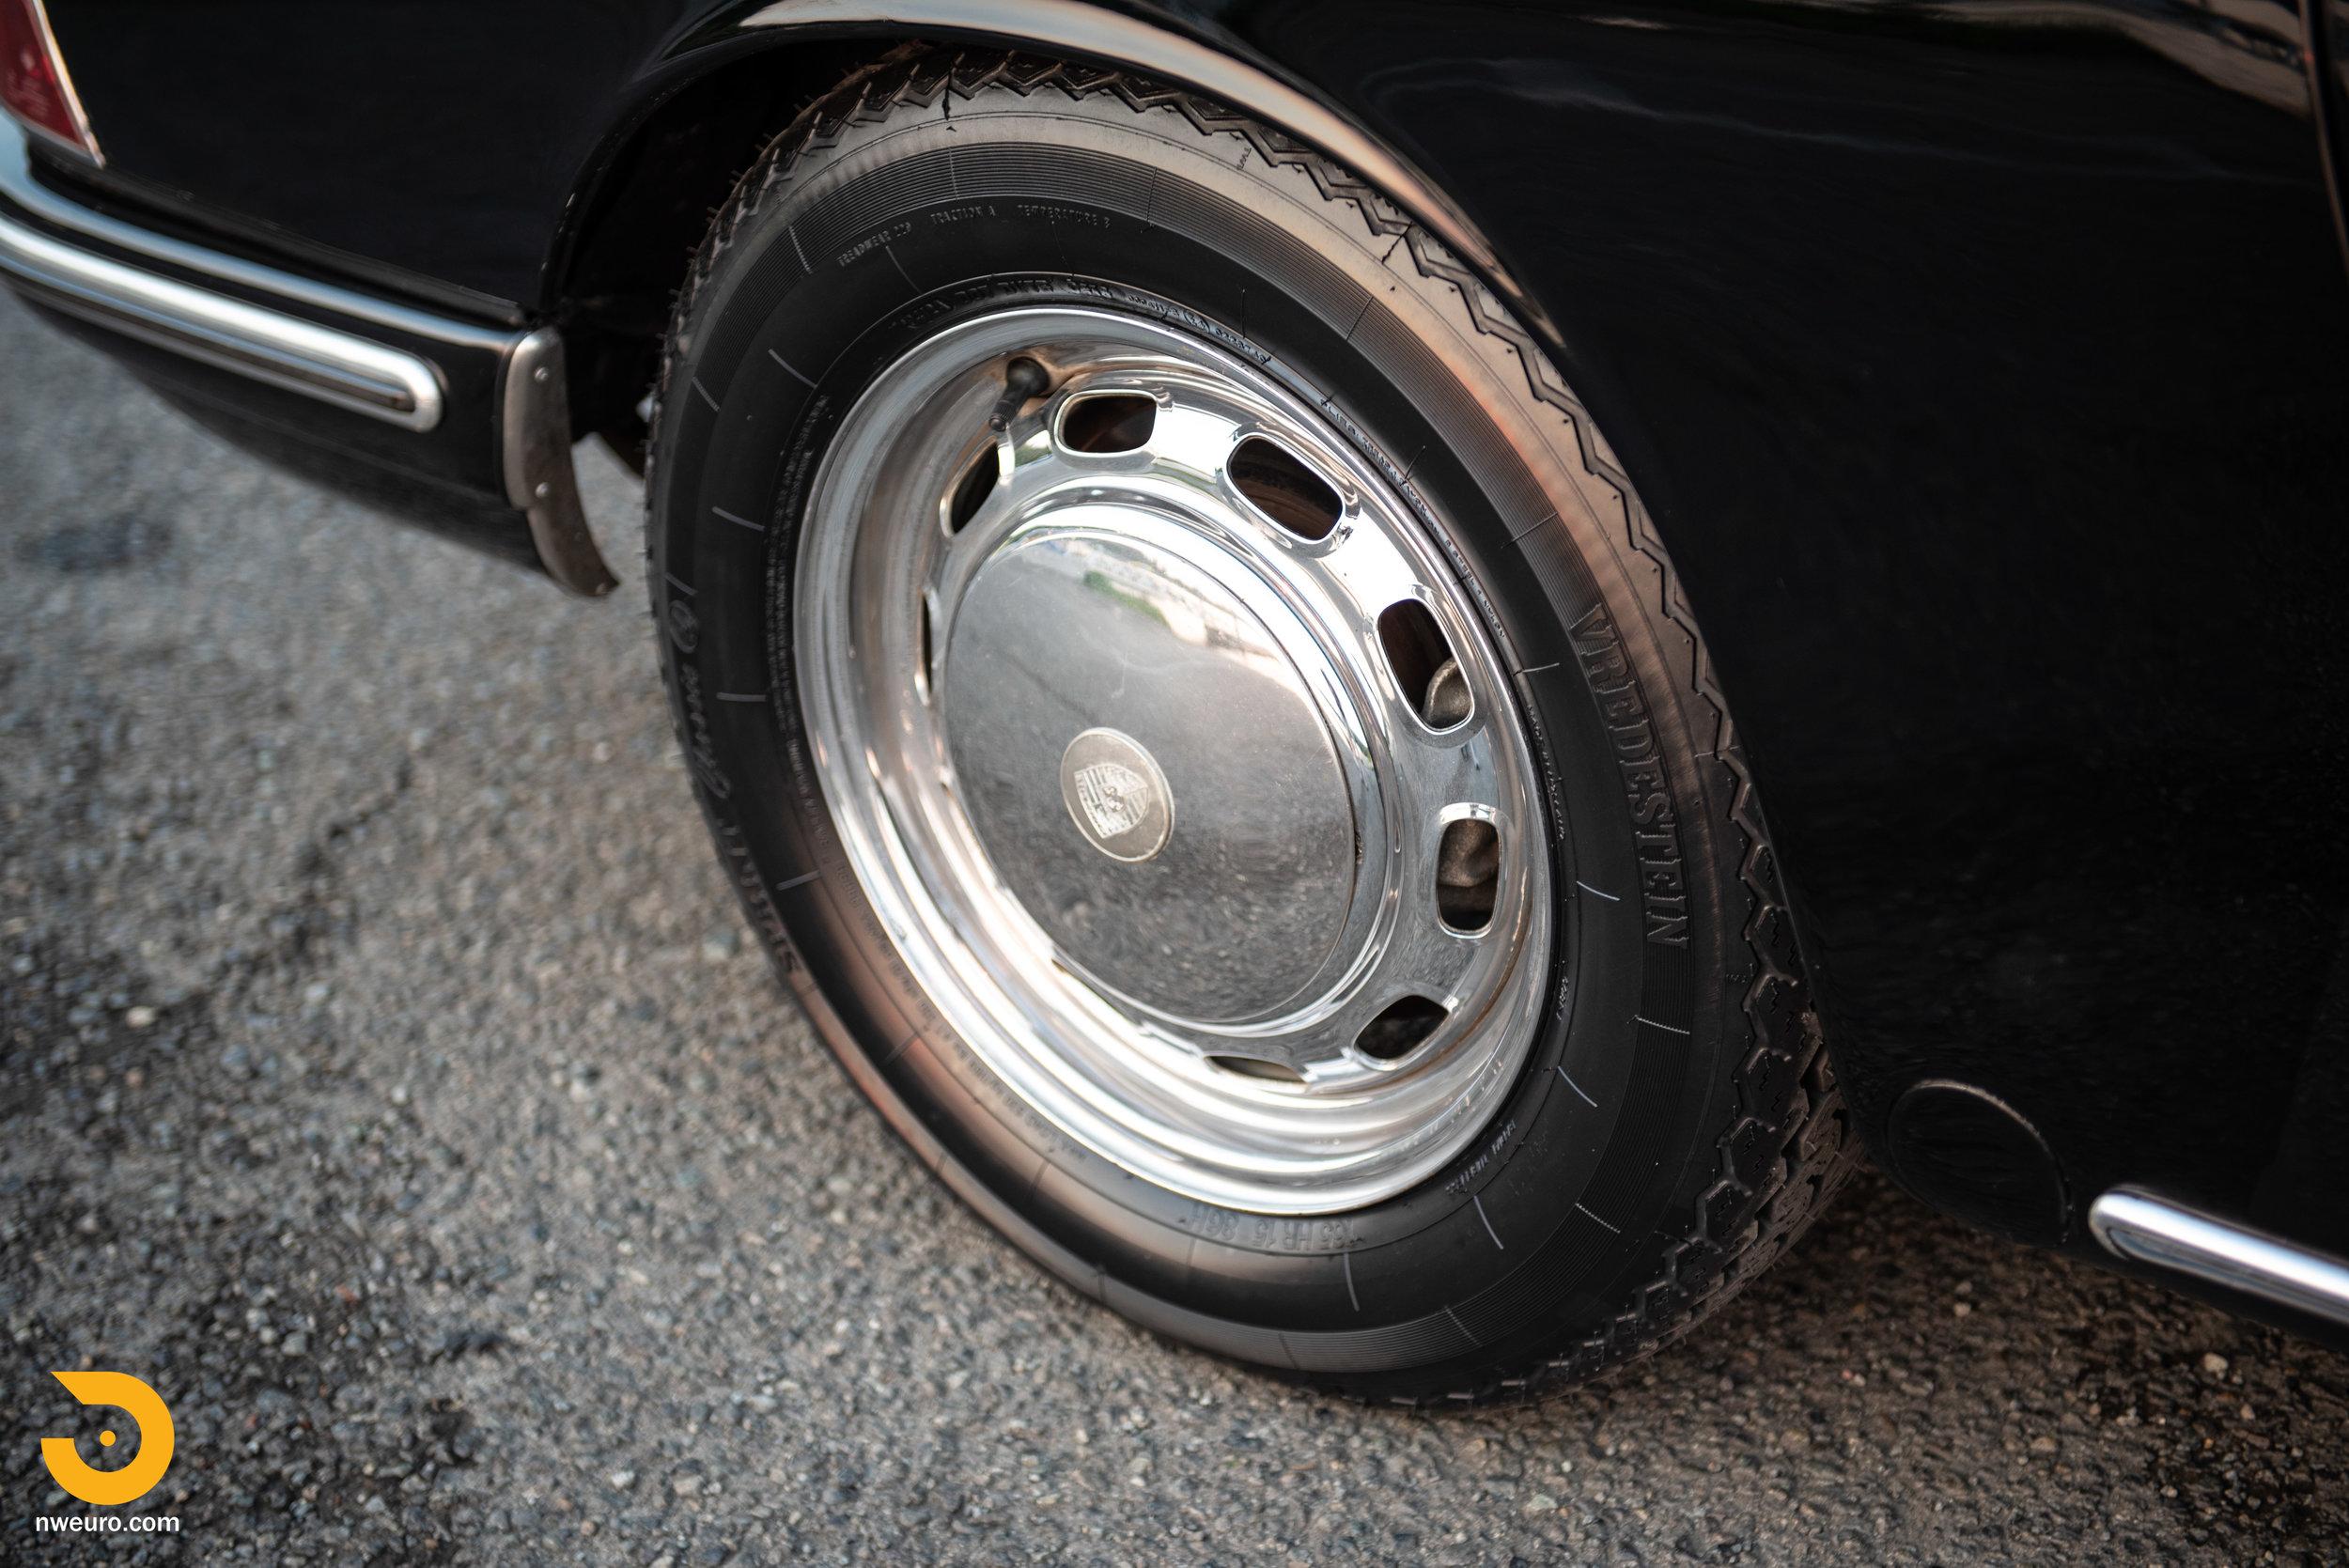 1966 Porsche 911-63.jpg